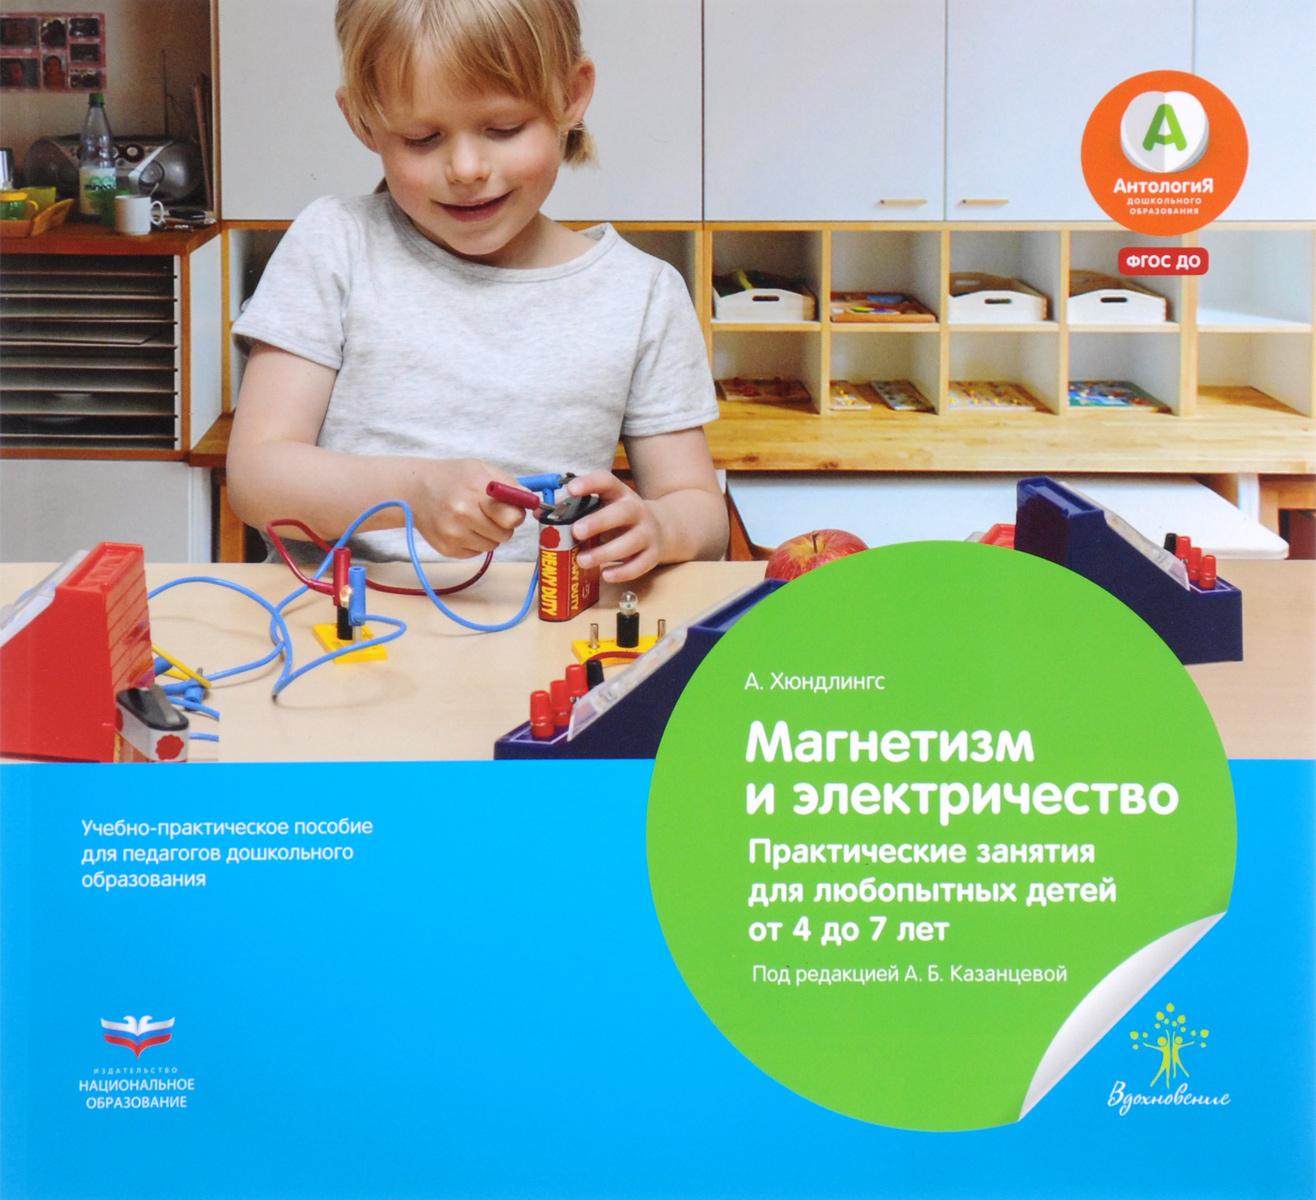 Магнетизм и электричество. Практические занятия для любопытных детей от 4 до 7 лет. Учебно-практическое пособие для педагогов дошкольного образования